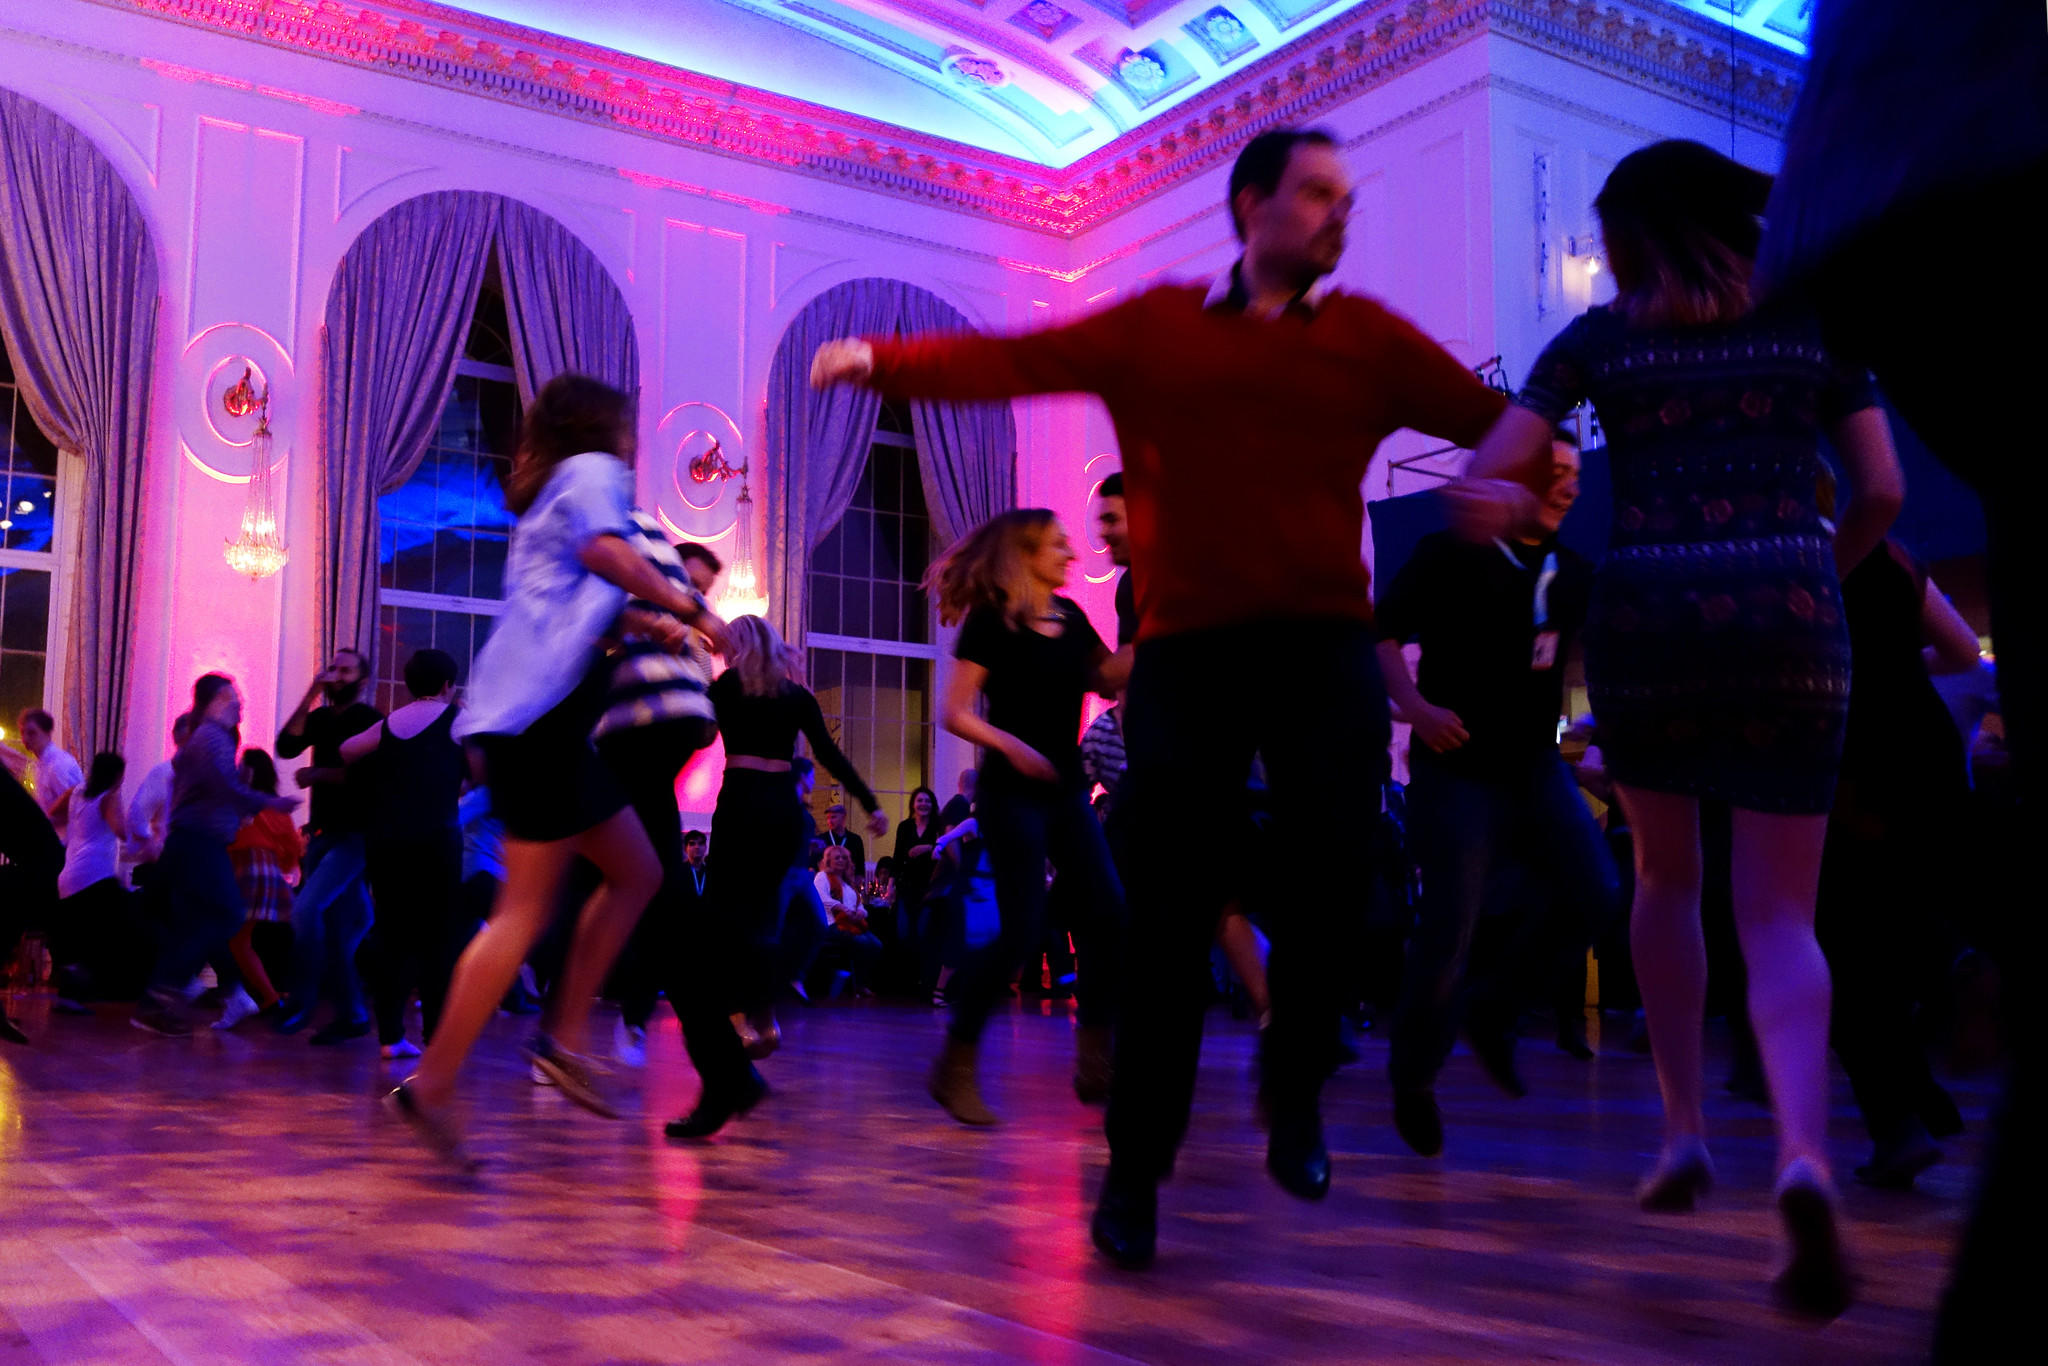 A ceilidh dance